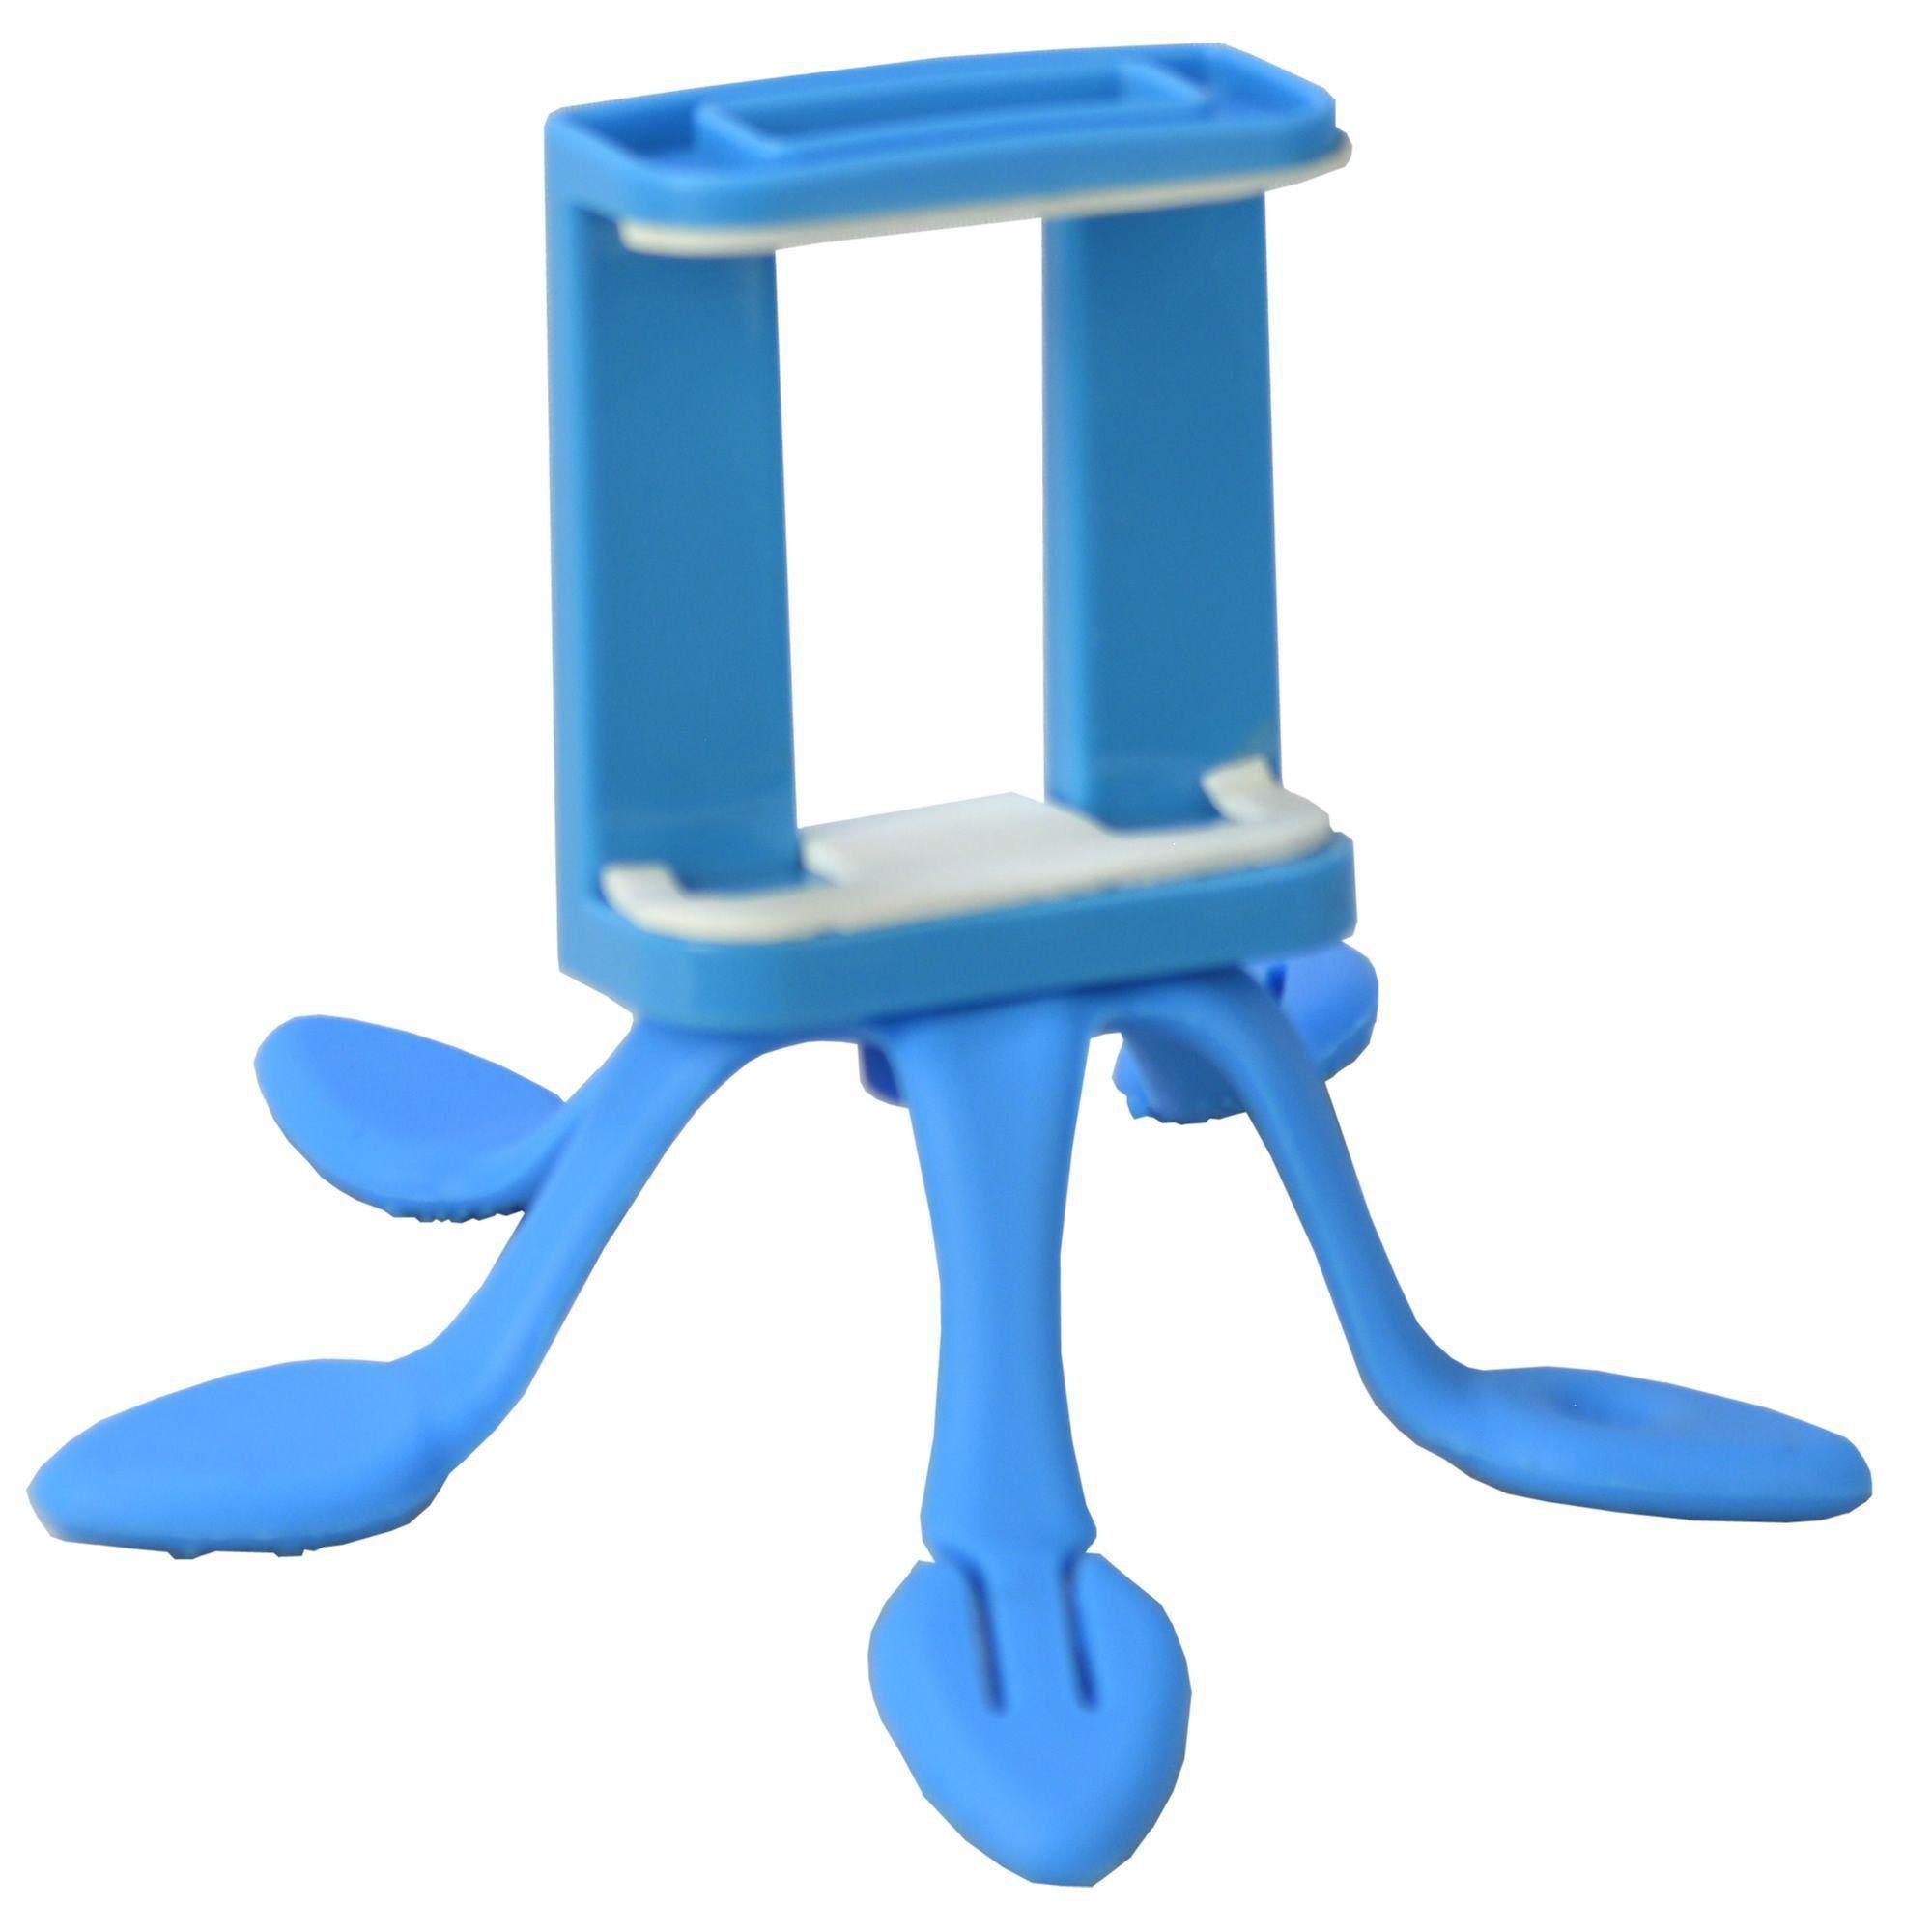 Suporte Para Celular Flexível Tripod Azul CBRN06540